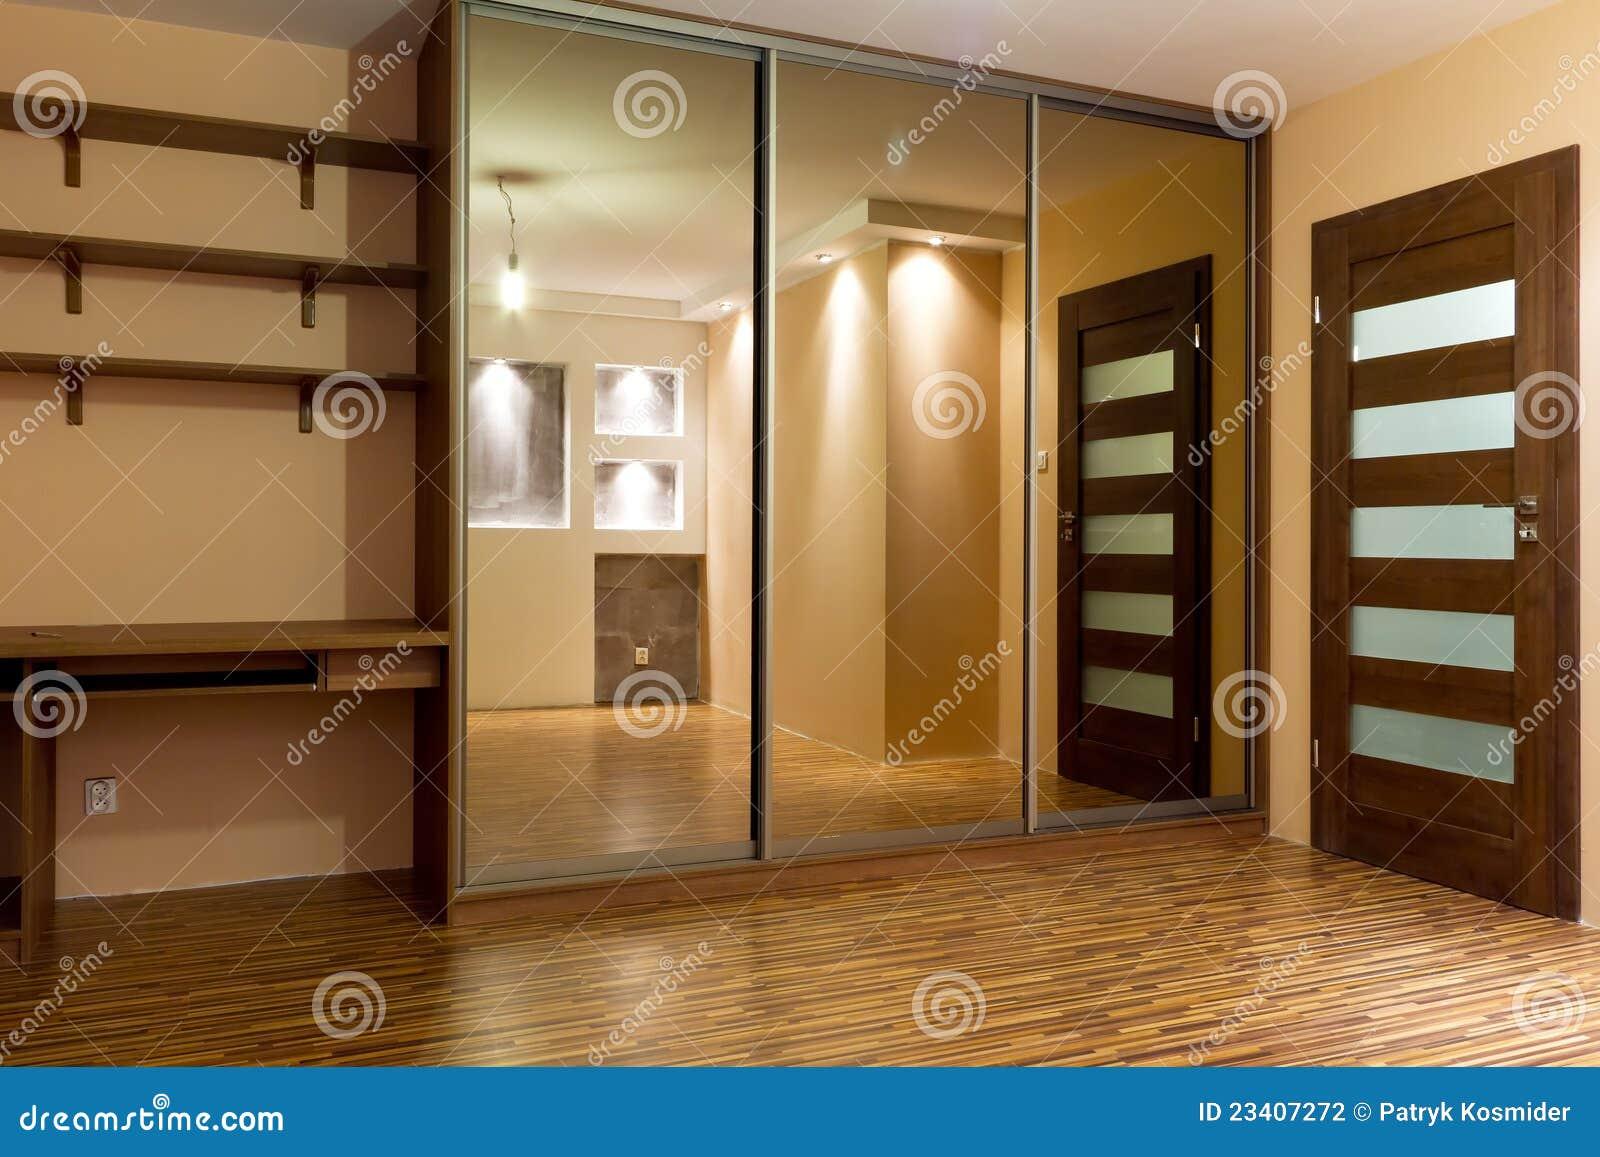 Sehr Große Garderobe Der Modernen Wohnung Stockfoto - Bild von leben ...